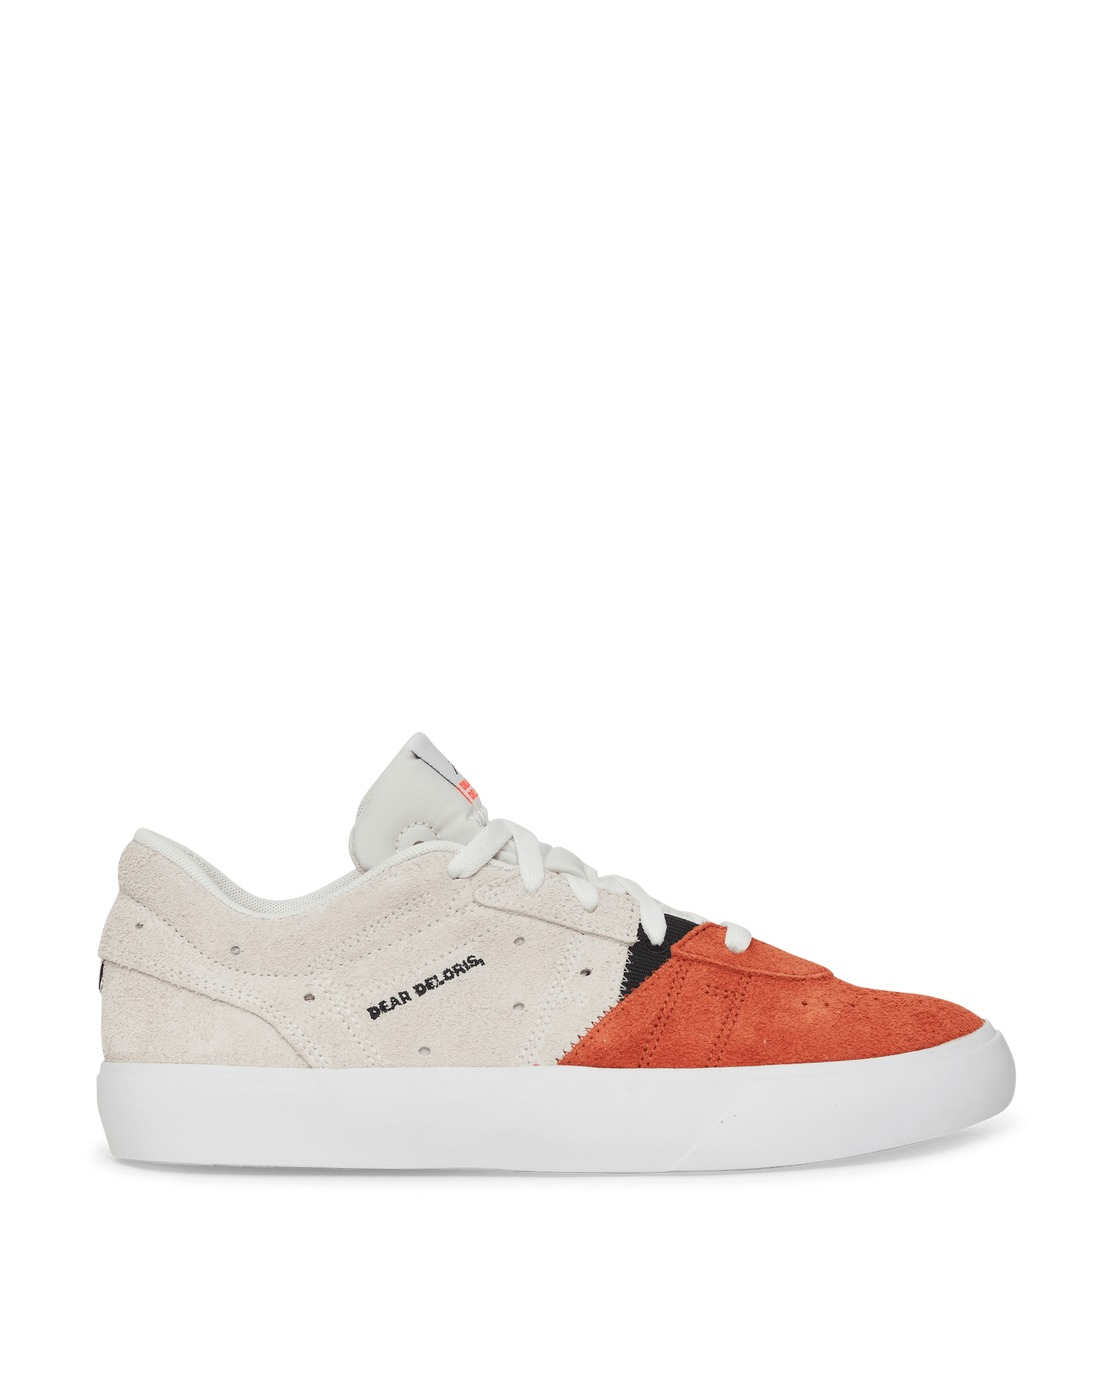 Photo: Nike Jordan Series 02 Sneakers Sail/Black